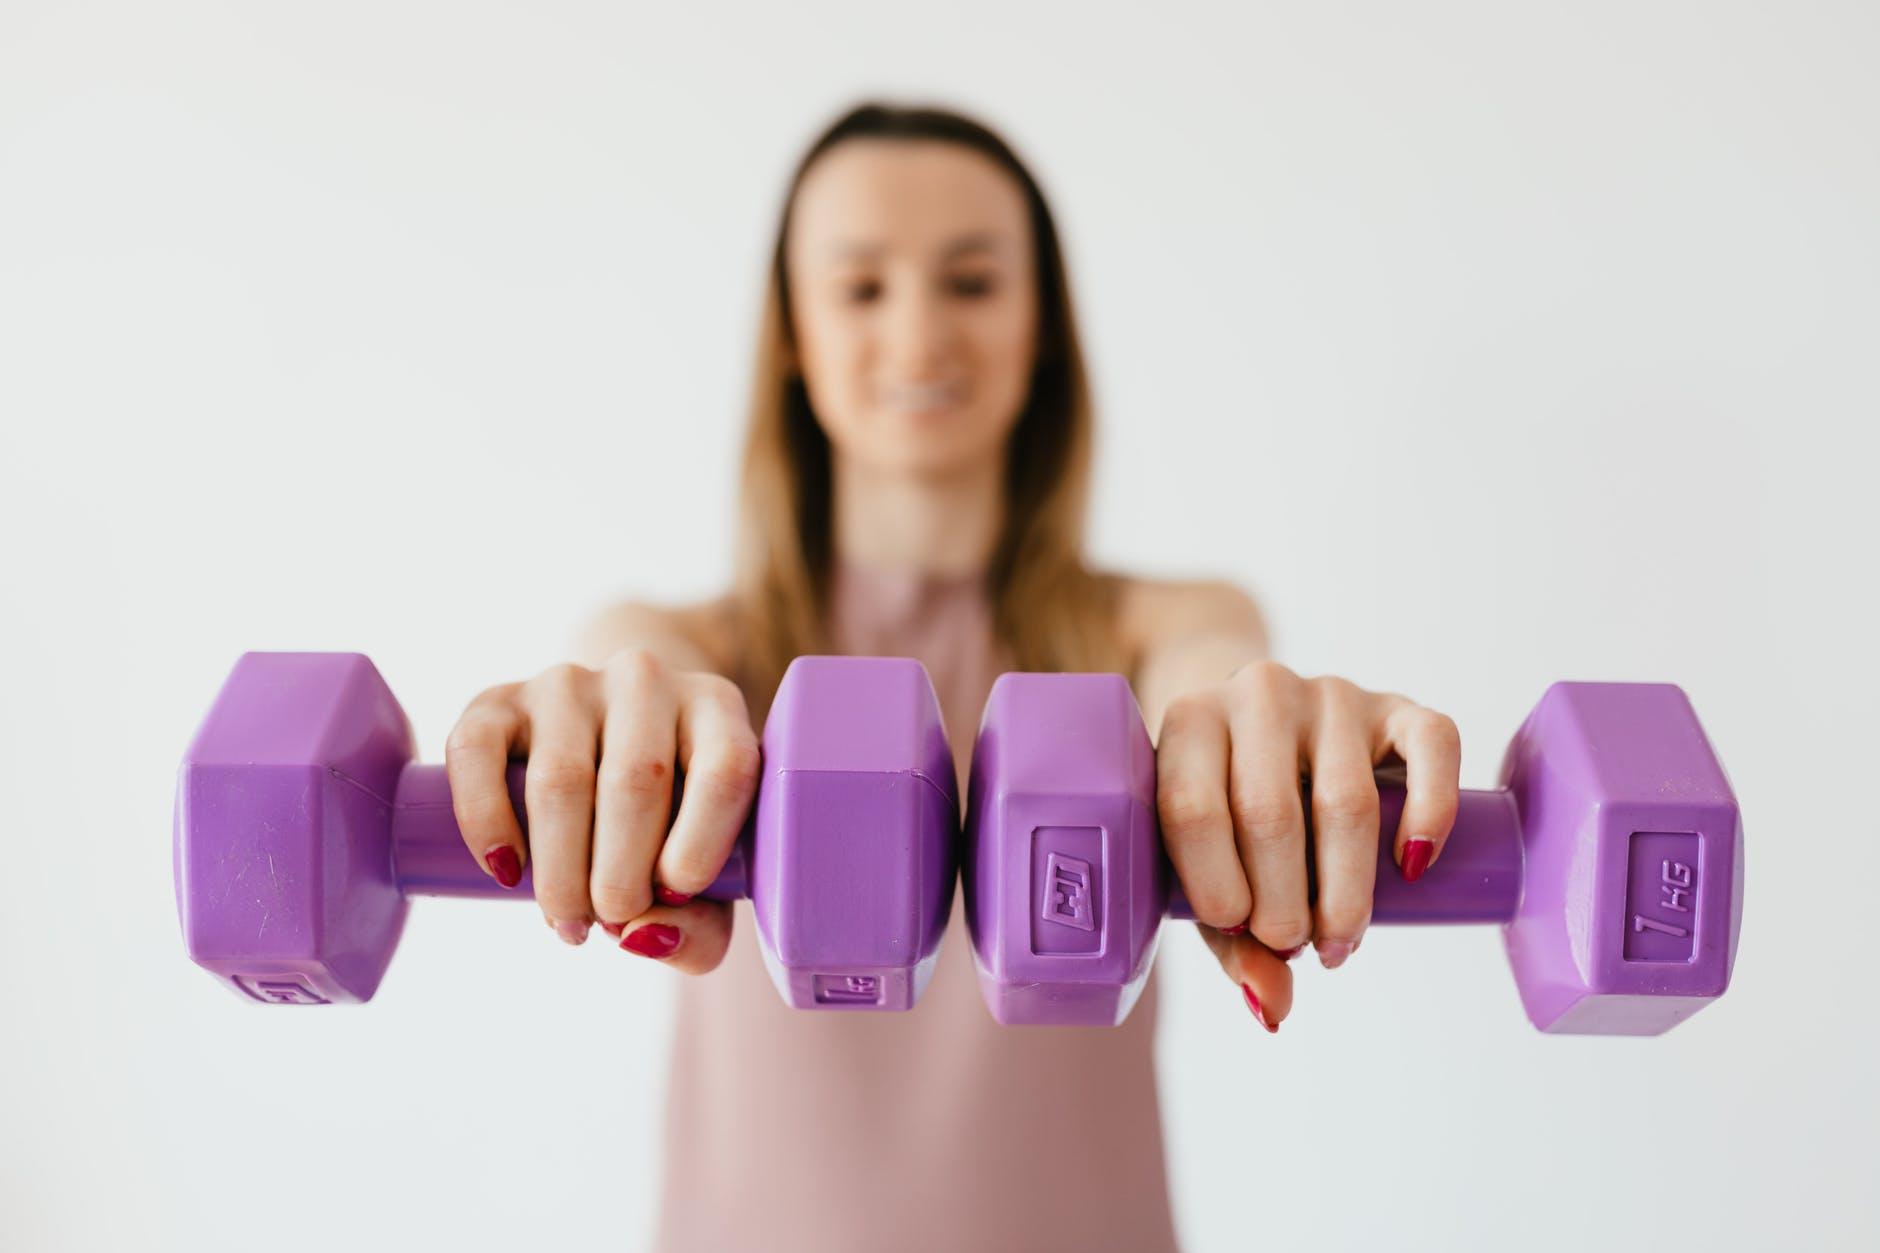 Почему некоторые люди худеют быстро, а некоторые нет: что делать с медленным похудением